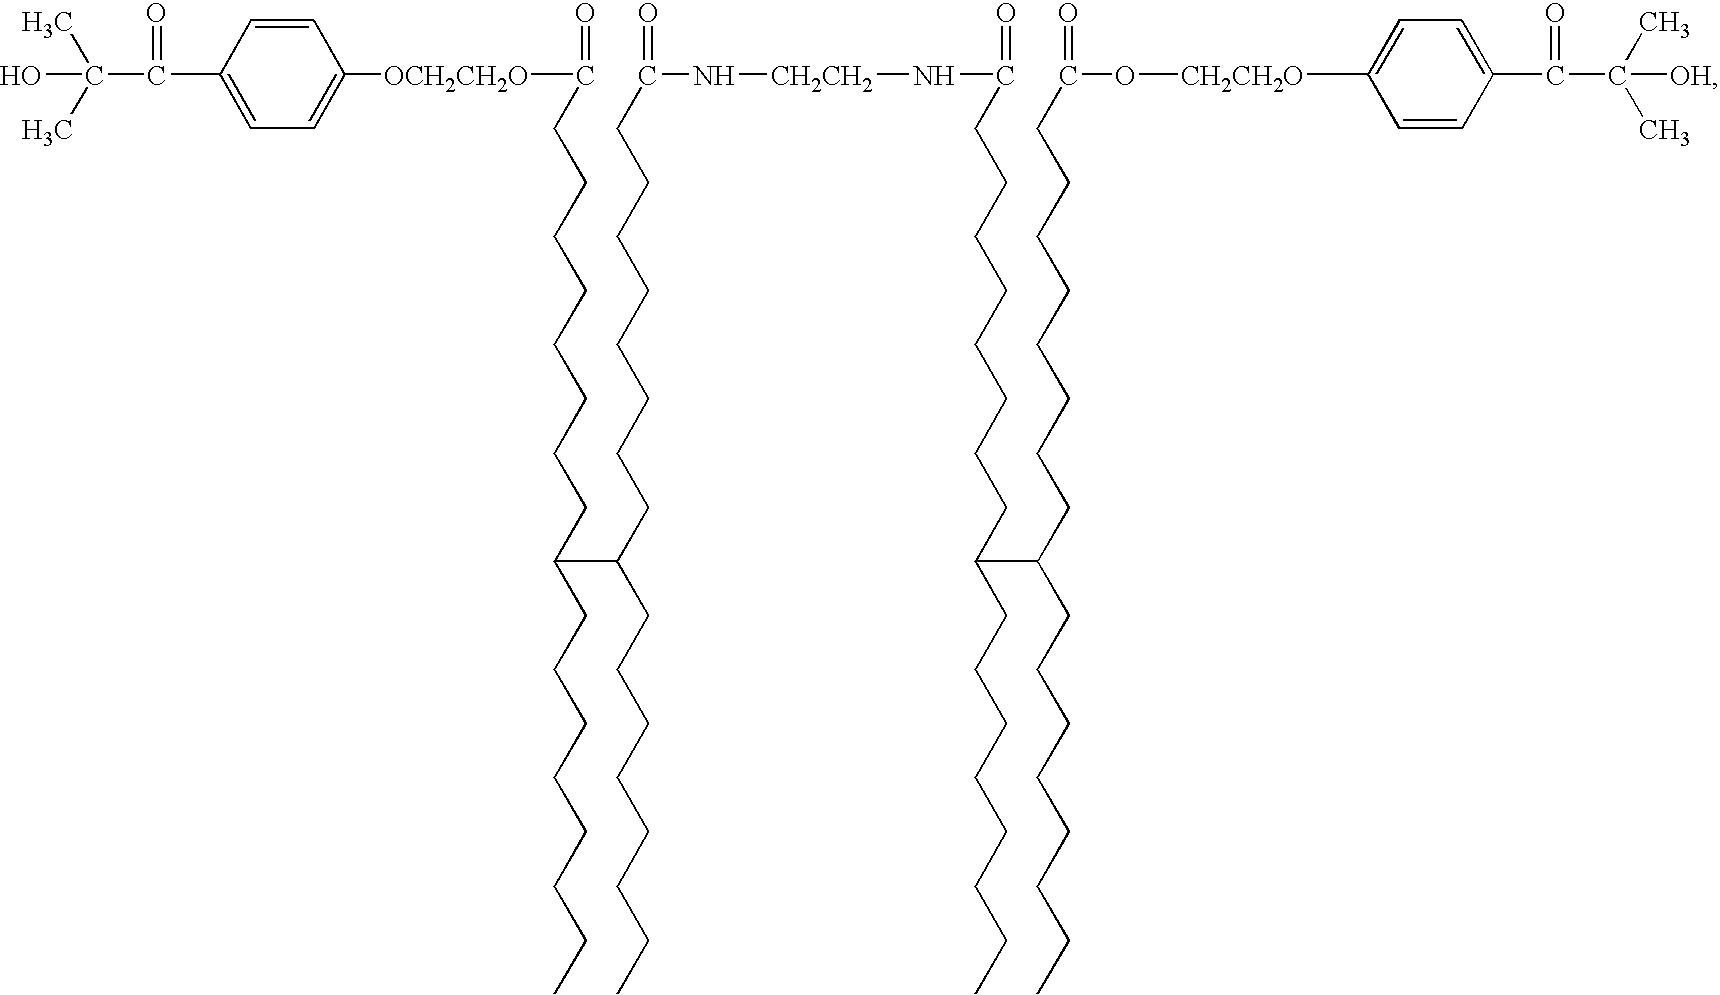 Figure US07279587-20071009-C00039